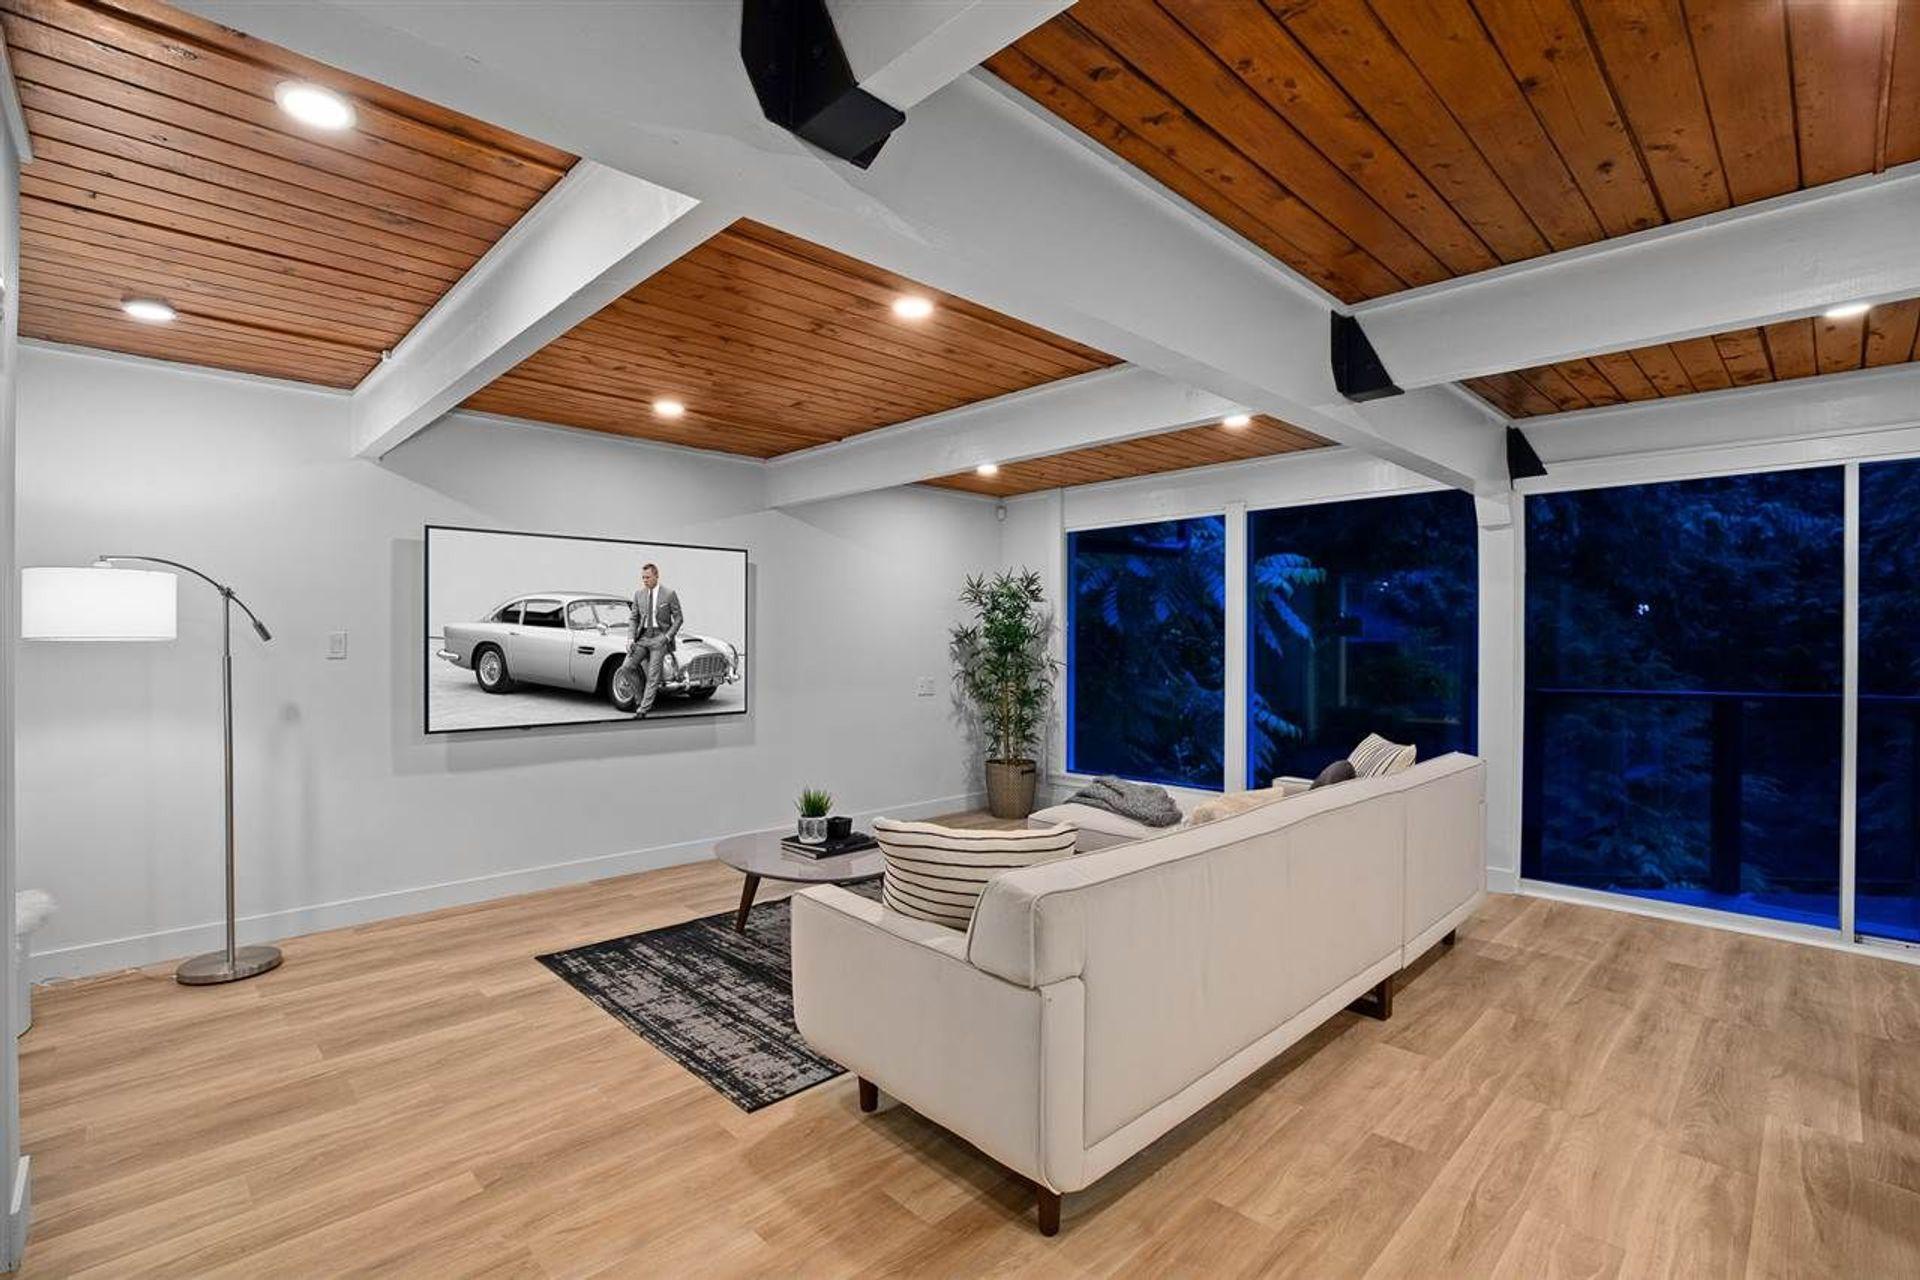 530-hadden-drive-british-properties-west-vancouver-09 at 530 Hadden Drive, British Properties, West Vancouver